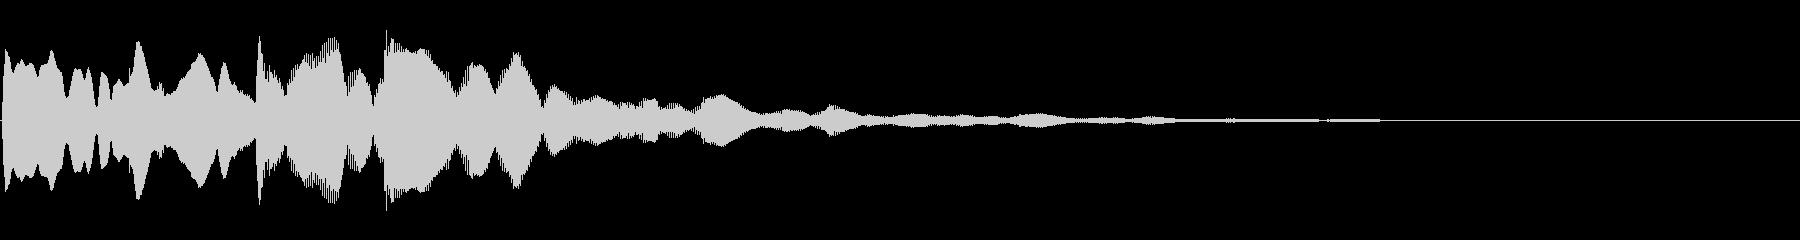 ピンポンパンポン03-2(バイノーラル)の未再生の波形